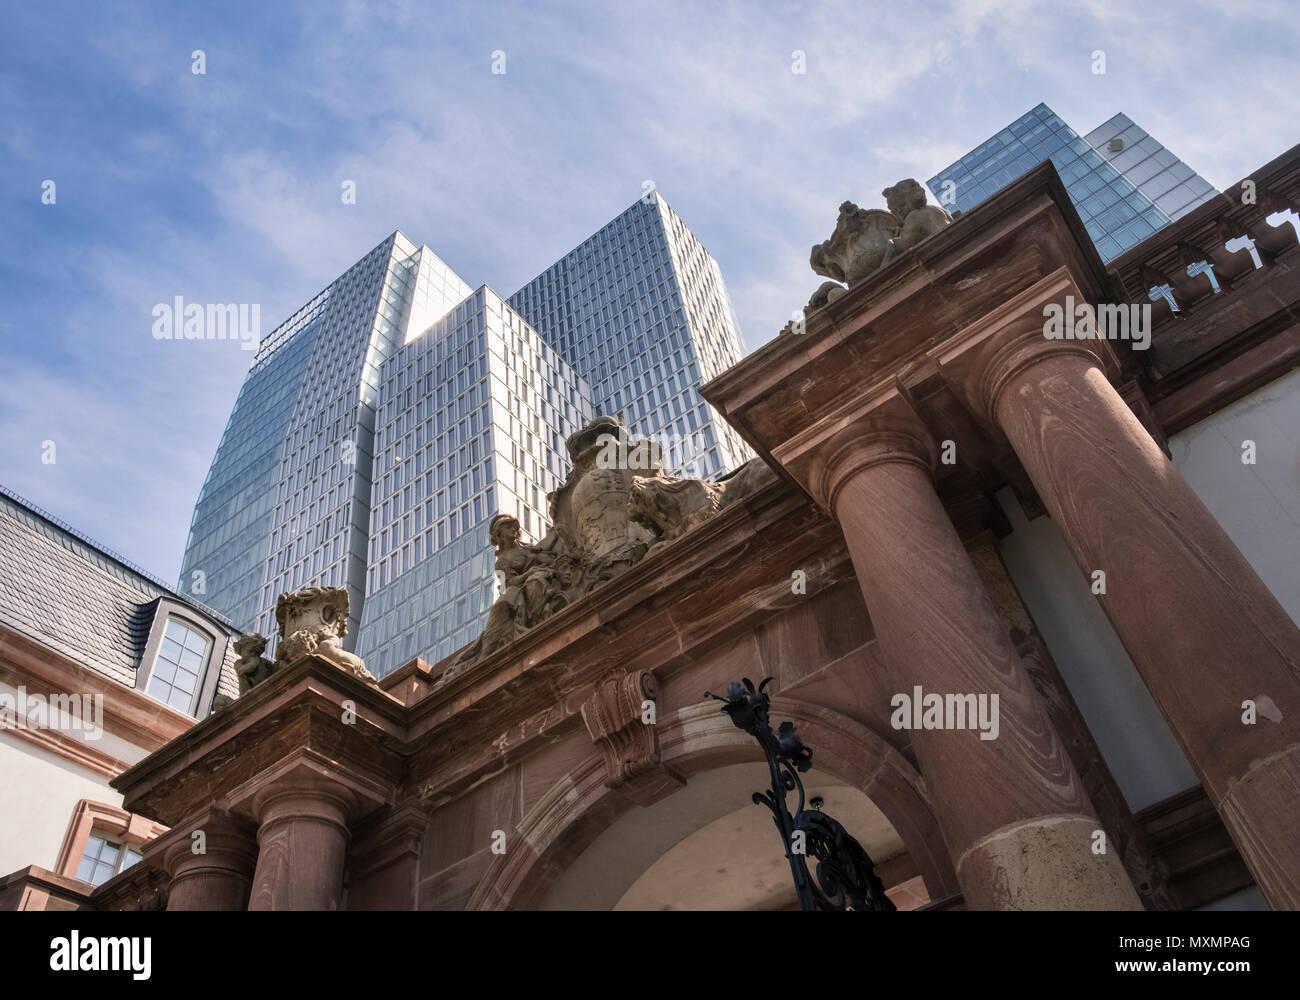 Die Barocken Stil Und Beliebten Hauptwache Cafe Gebäude Wache